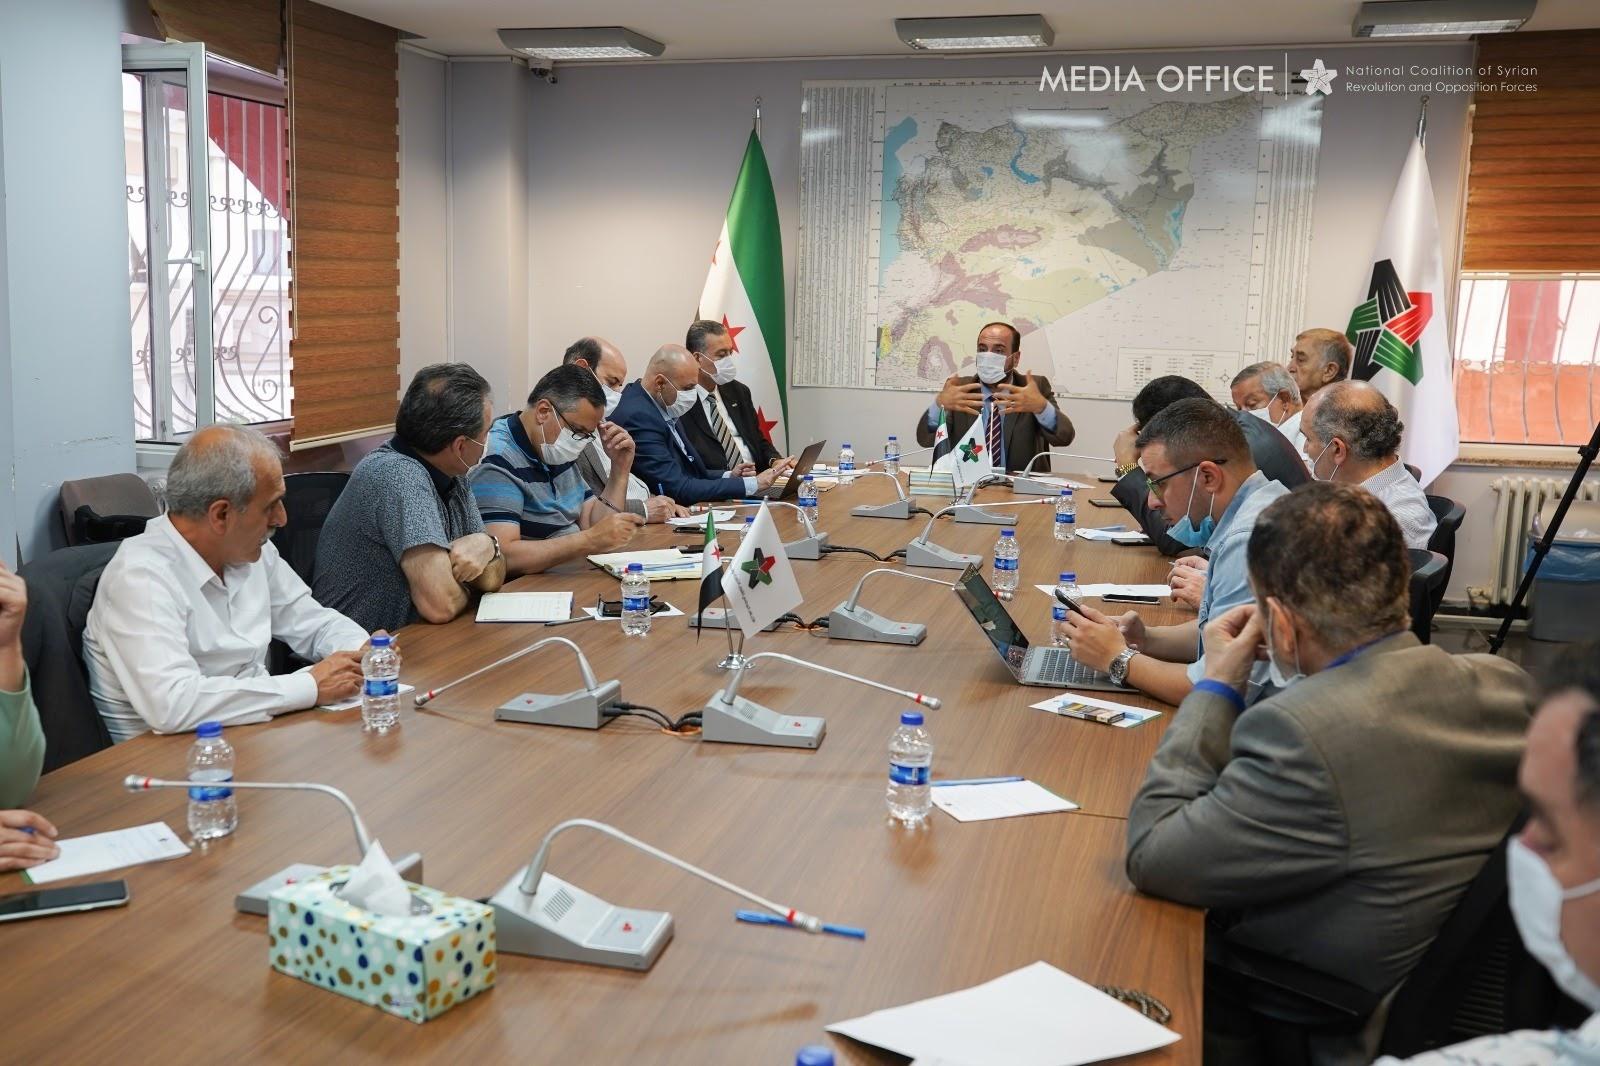 الهيئة السياسية للائتلاف تعتمد التشكيلة الجديدة للدوائر واللجان وتناقش خطط عملها